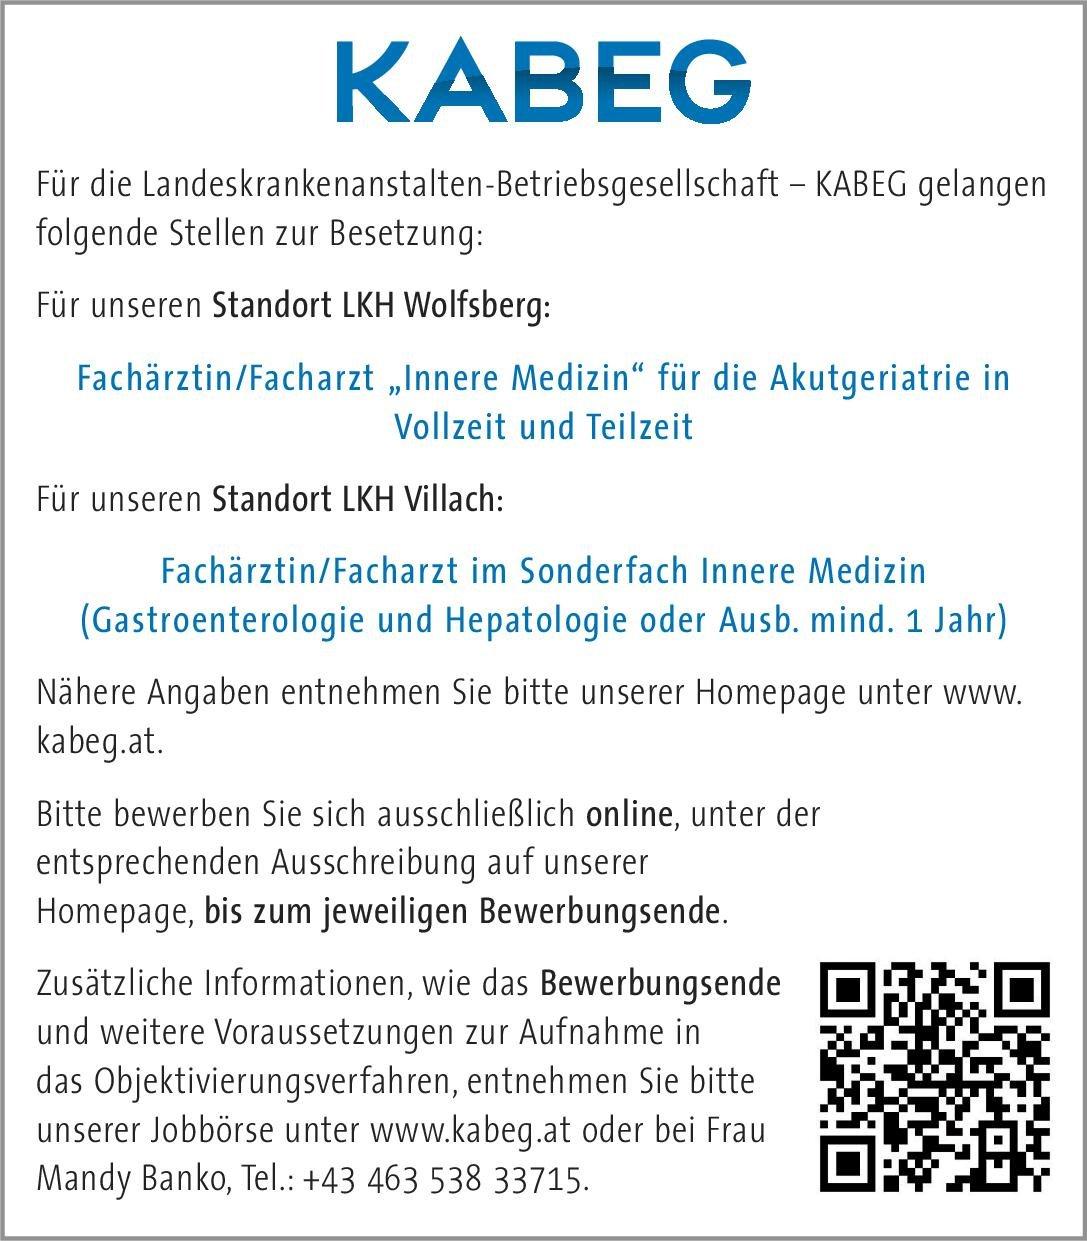 Landeskrankenanstalten-Betriebsgesellschaft – KABEG - LKH Wolfsberg Fachärztin/Facharzt Innere Medizin für die Akutgeriatrie  Innere Medizin, Geriatrie, Innere Medizin Arzt / Facharzt